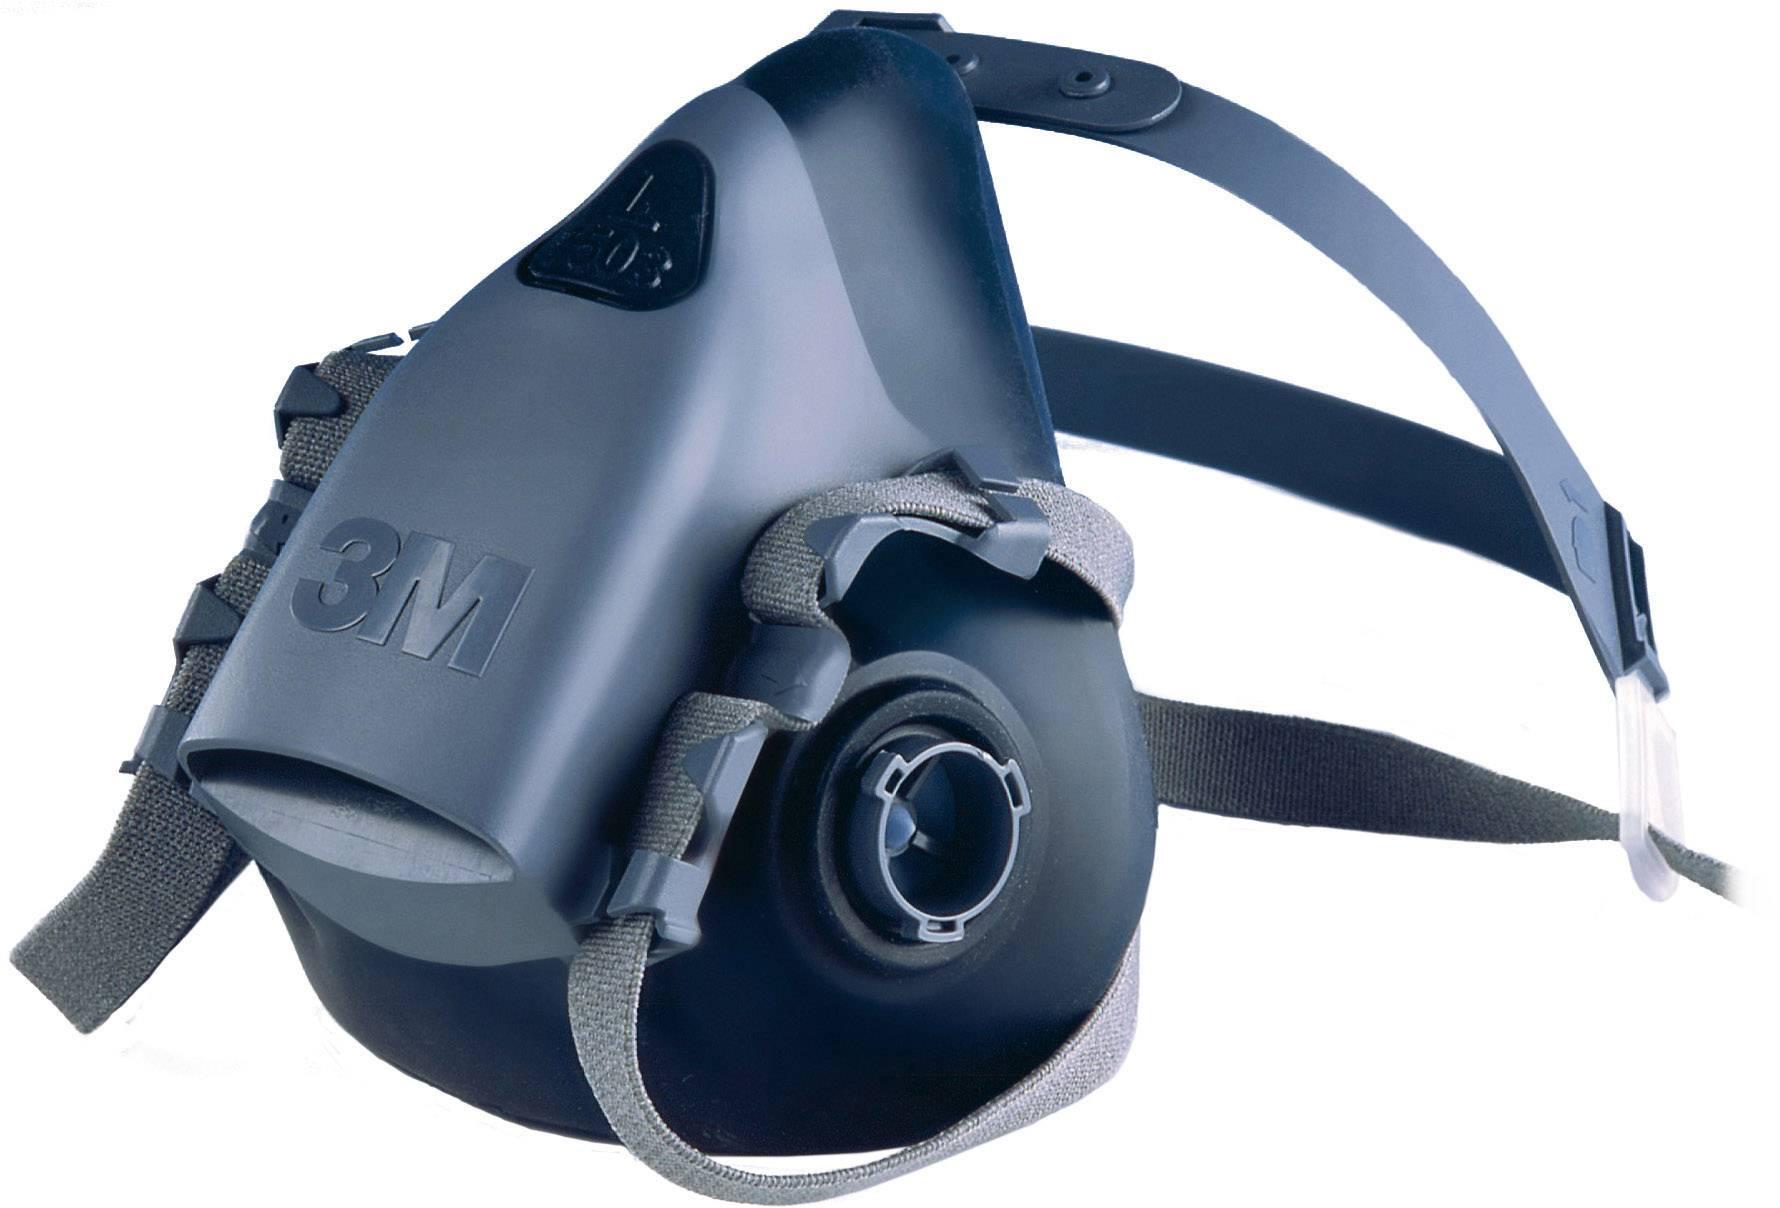 Ochranná maska poloobličejová 3M 7502 7000104177, bez filtru, vel. M